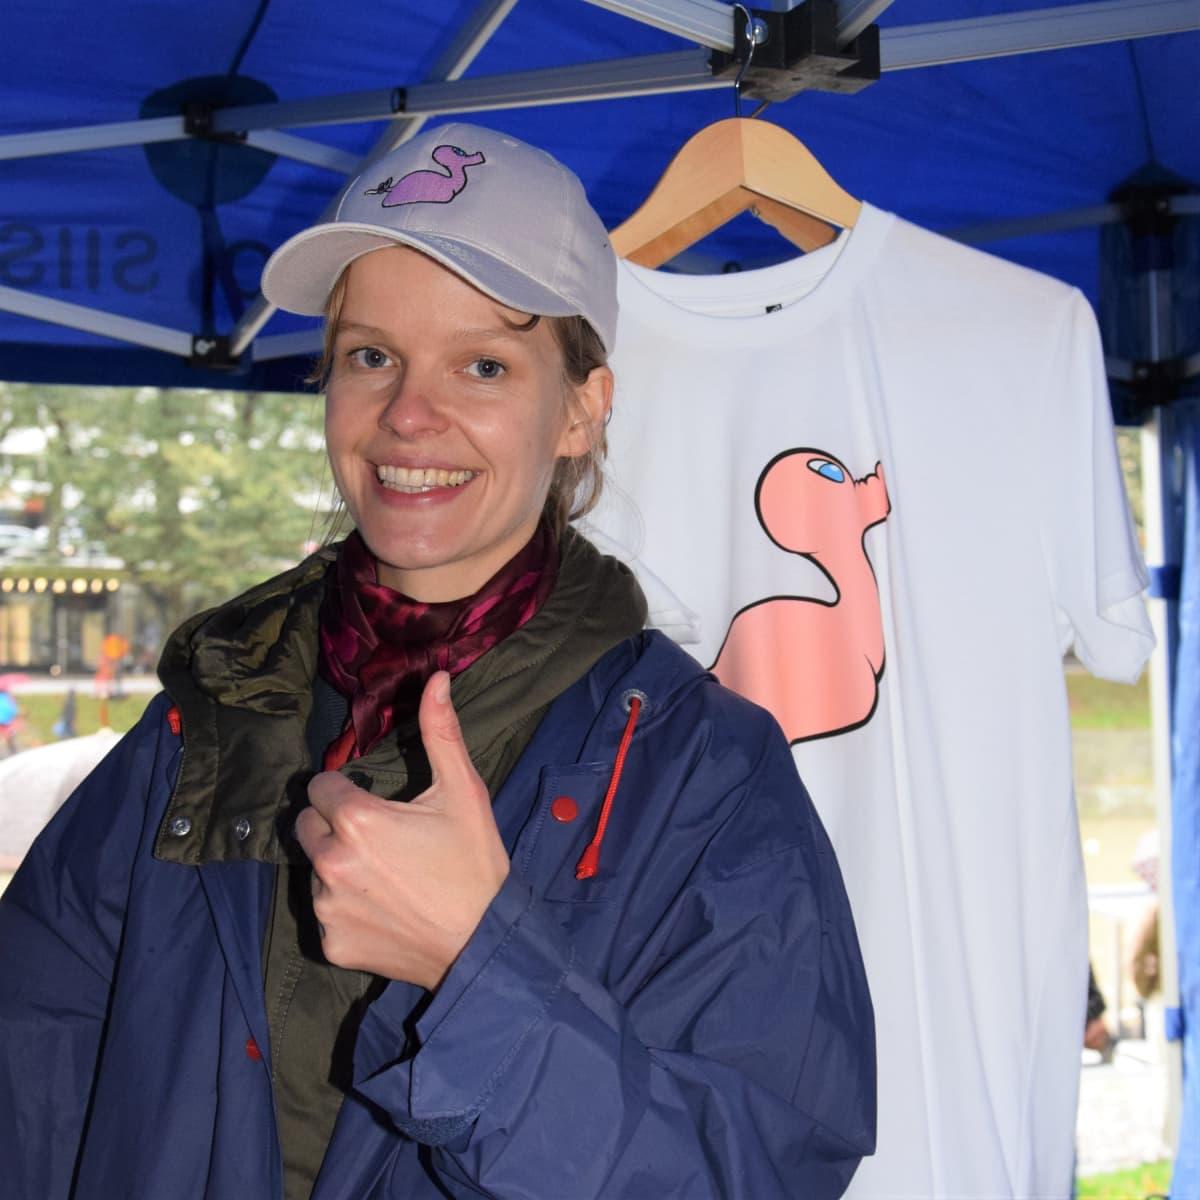 Yrittäjä Kristiina Winter ideoi luontoystävällisiä Posankka-tuotteita.